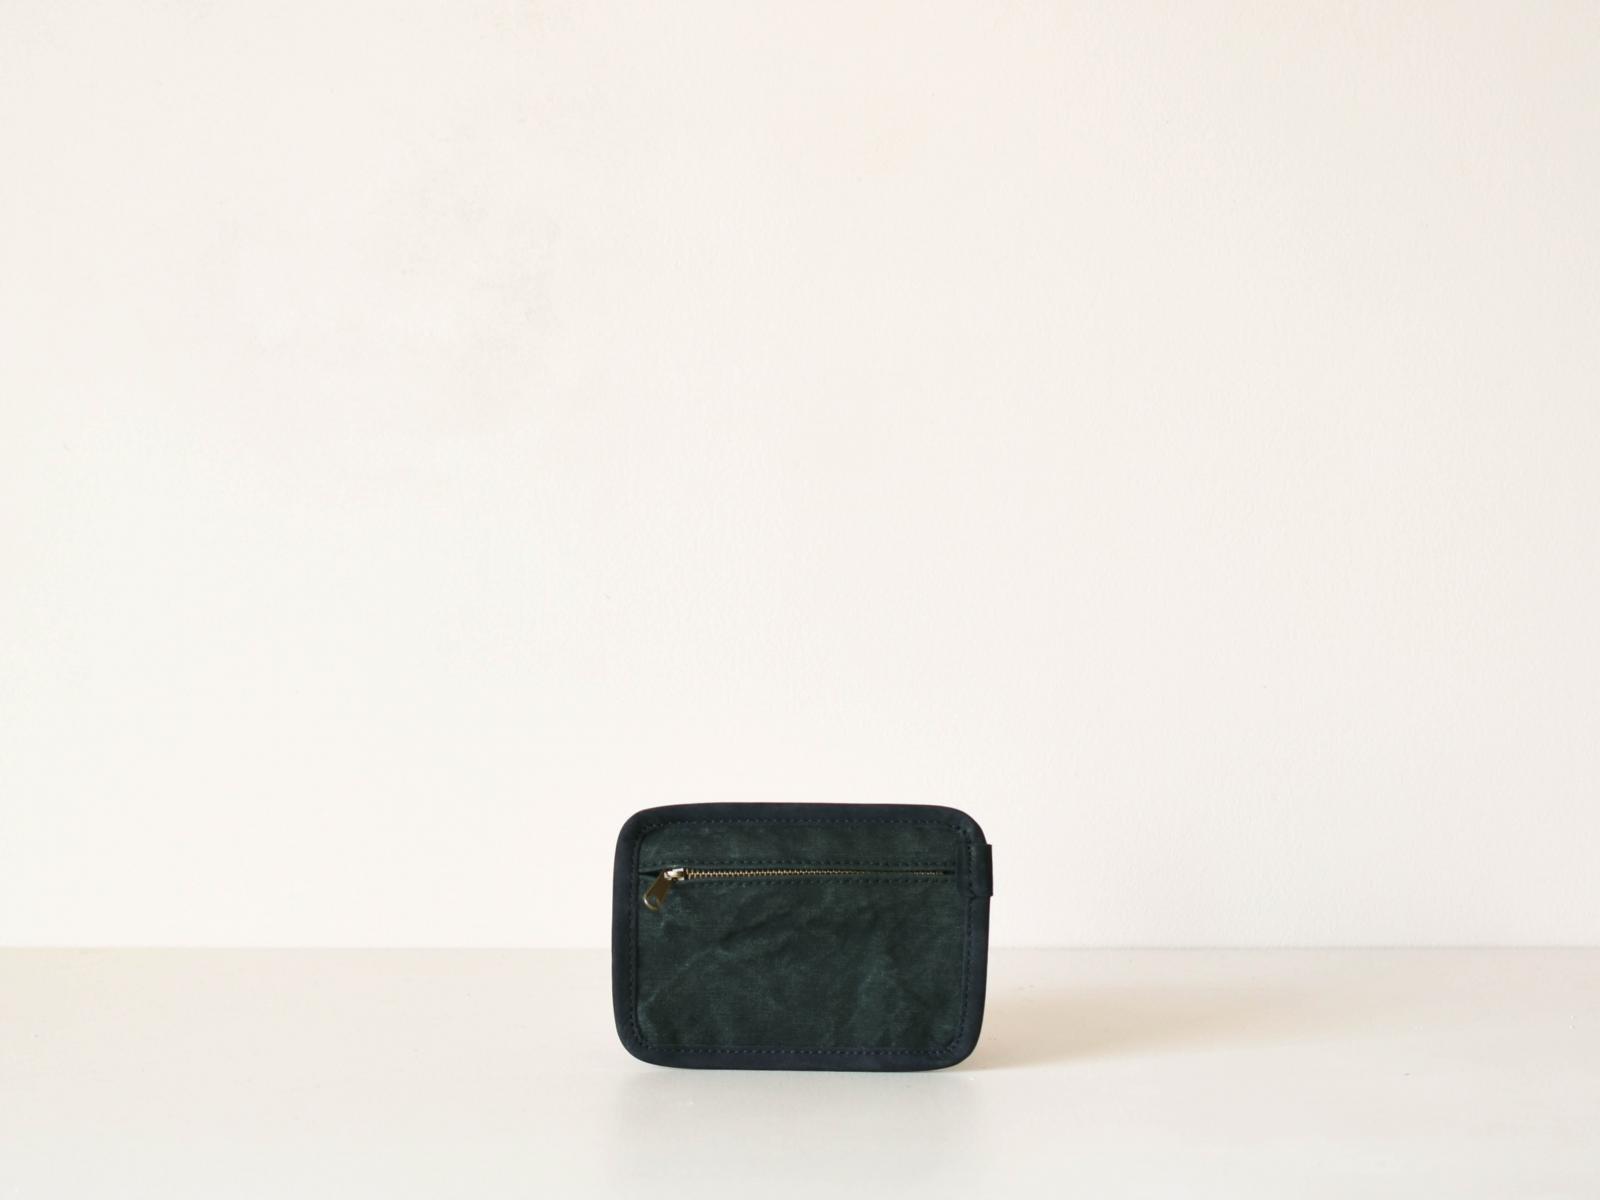 カードケース,パスケース,9号パスホルダー,帆布